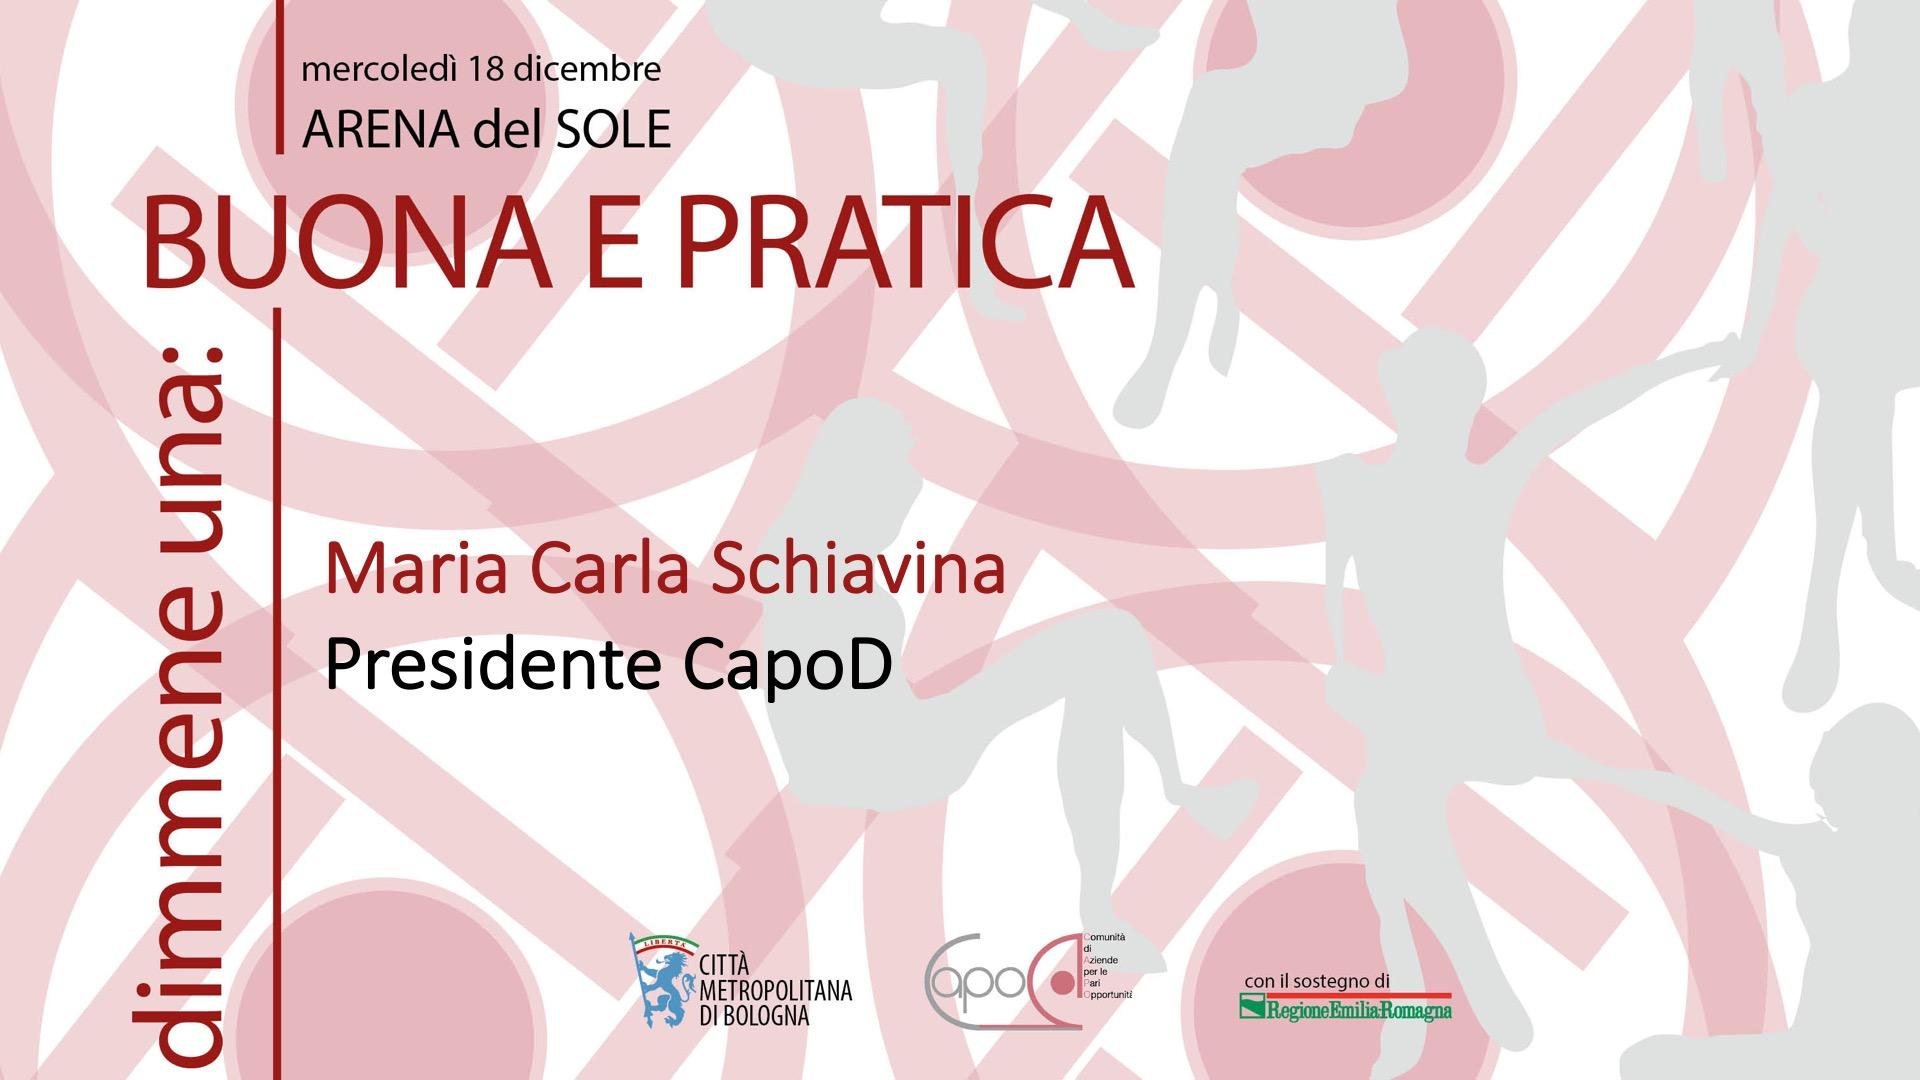 Maria Carla Schiavina - Presidente Capo D